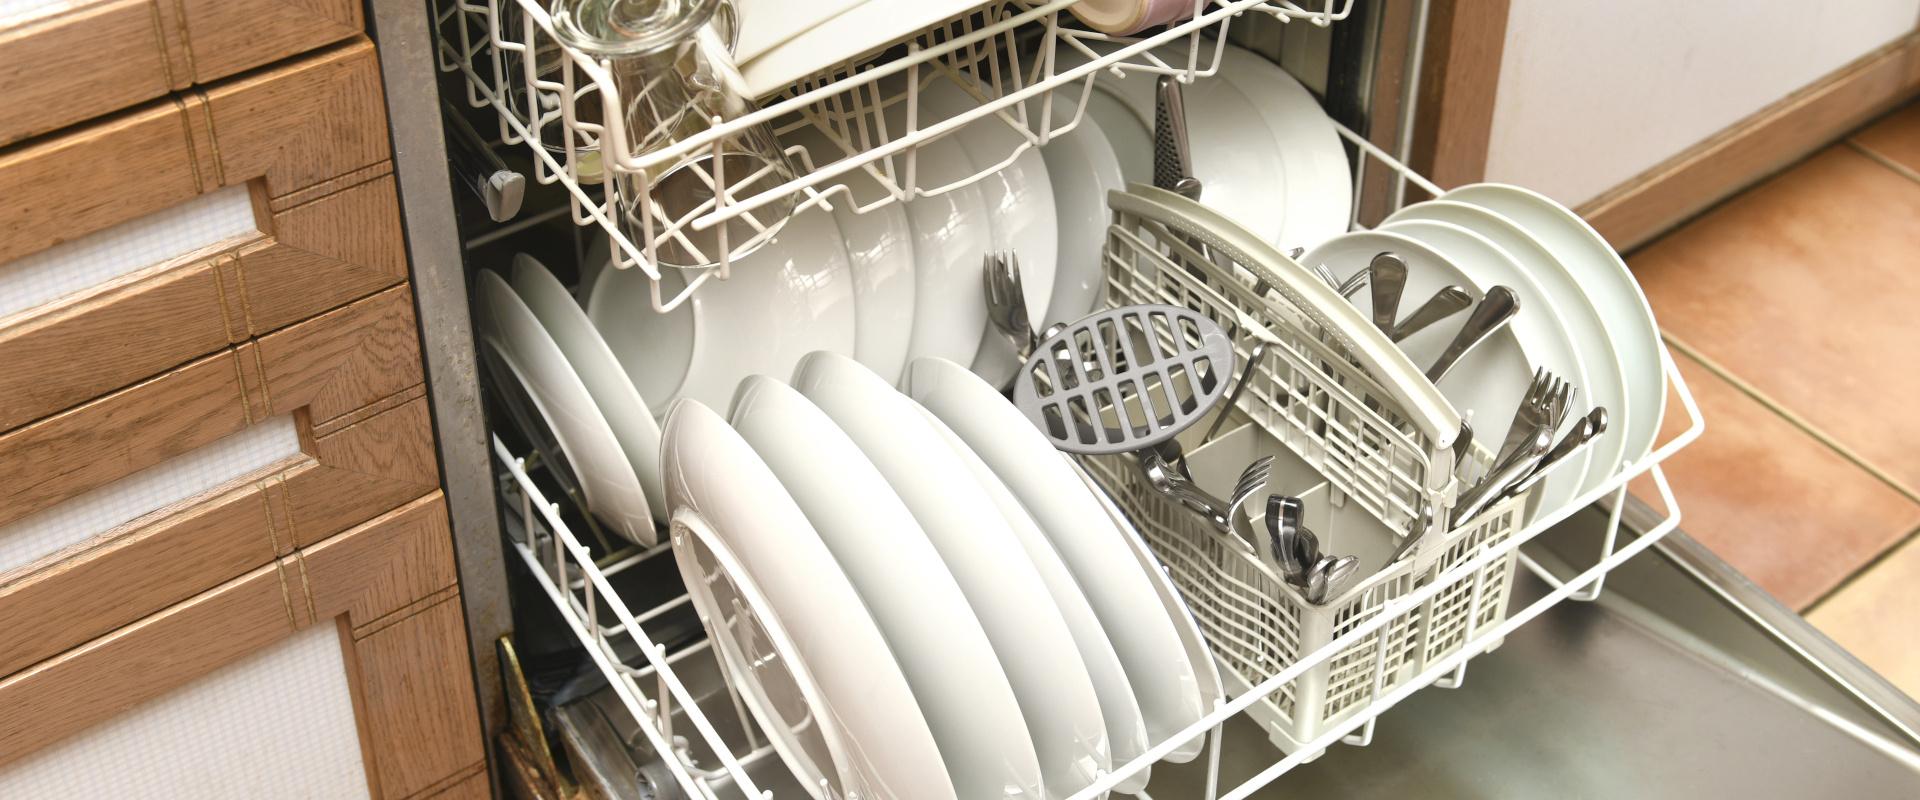 mosogatógép bepakolás cover